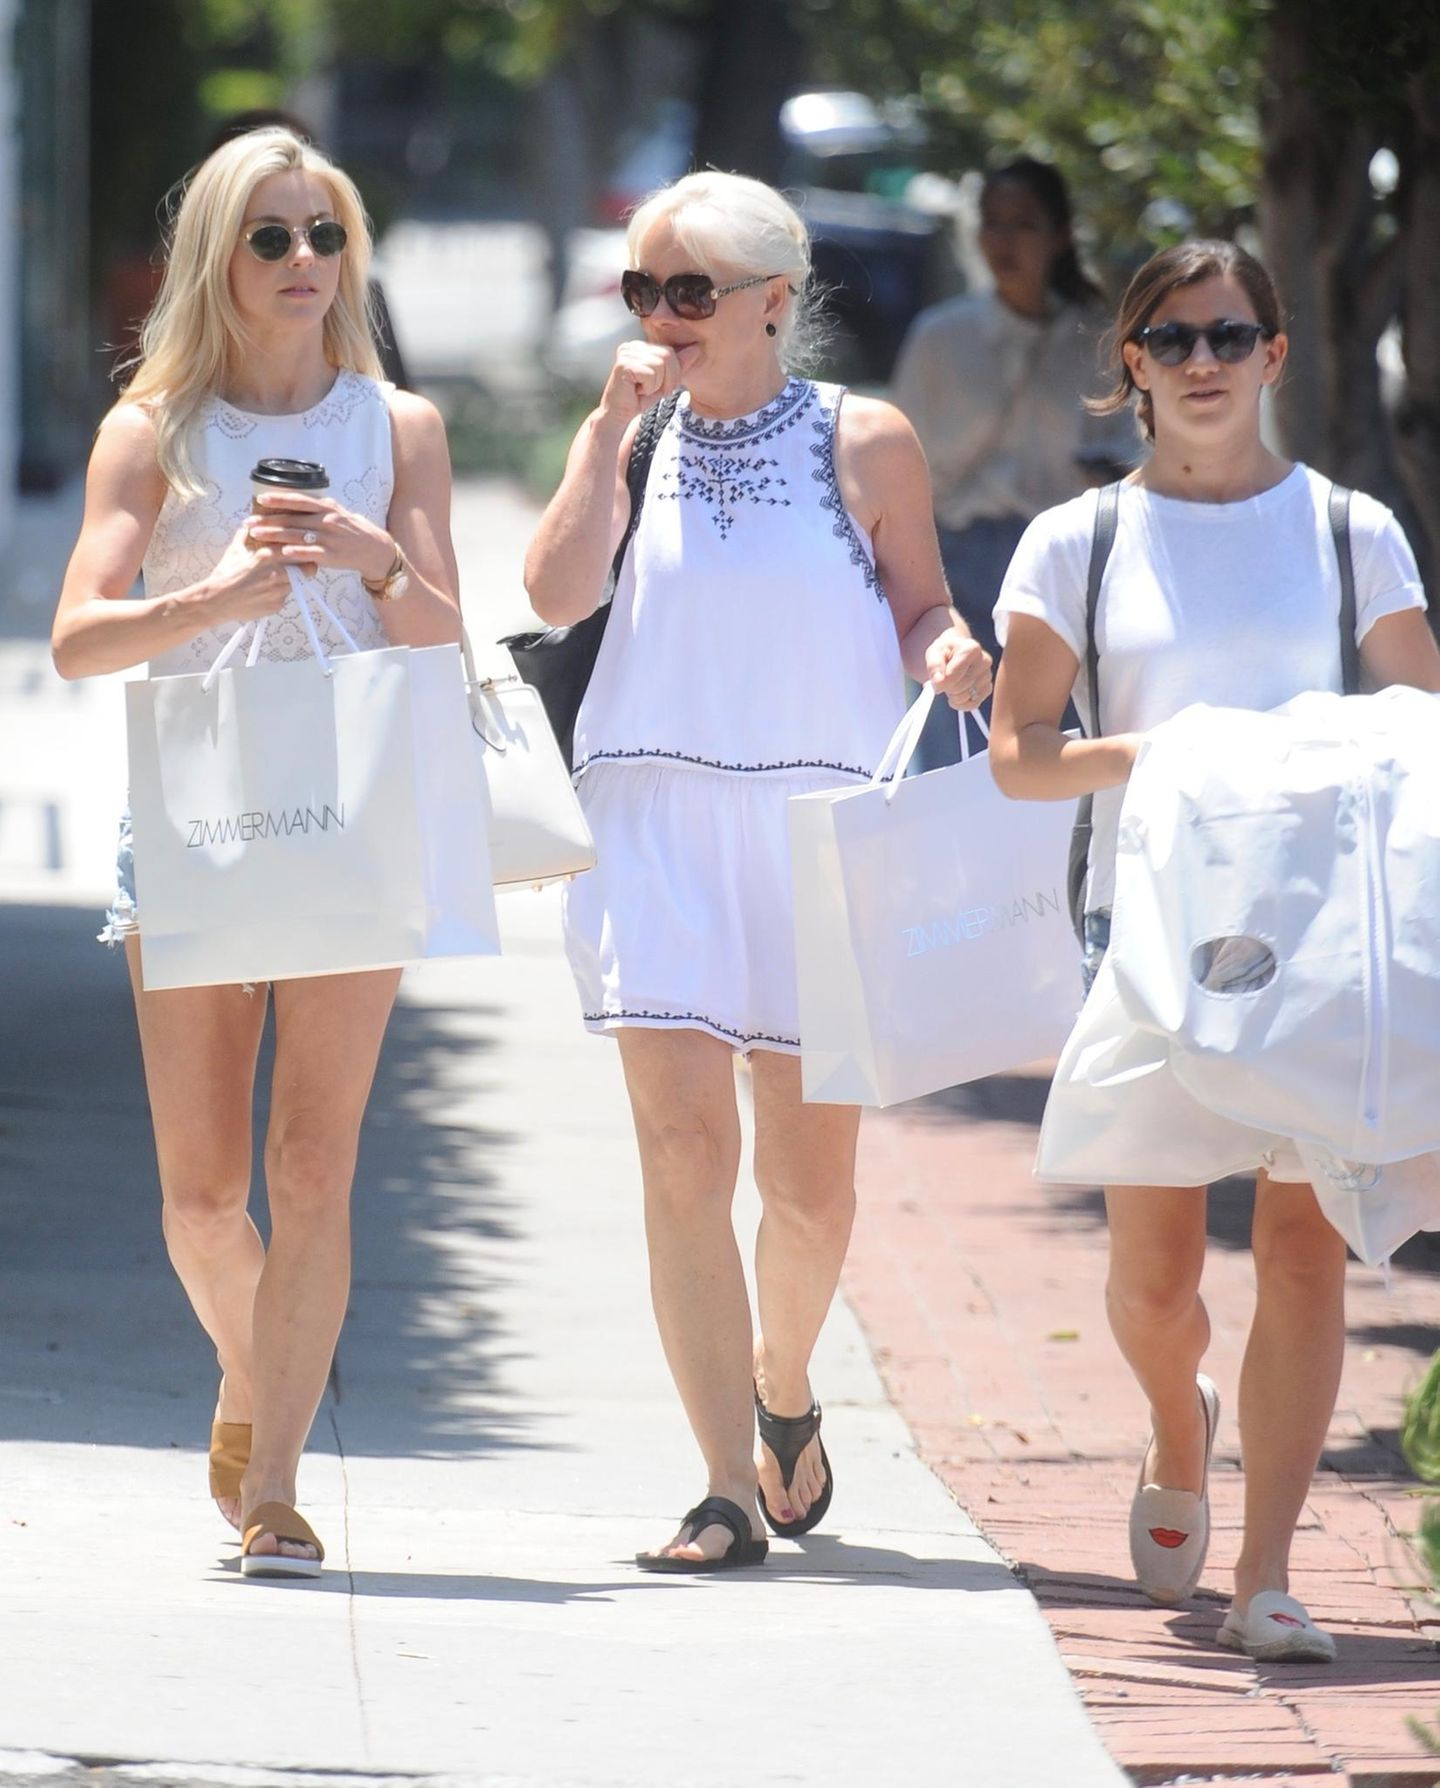 Damit Julianne Hough (li.) und ihre MutterMari Anne Hough (m.) nach der Shoppingtour nicht zu viel tragen müssen, hilft die Assistentin gerne aus.